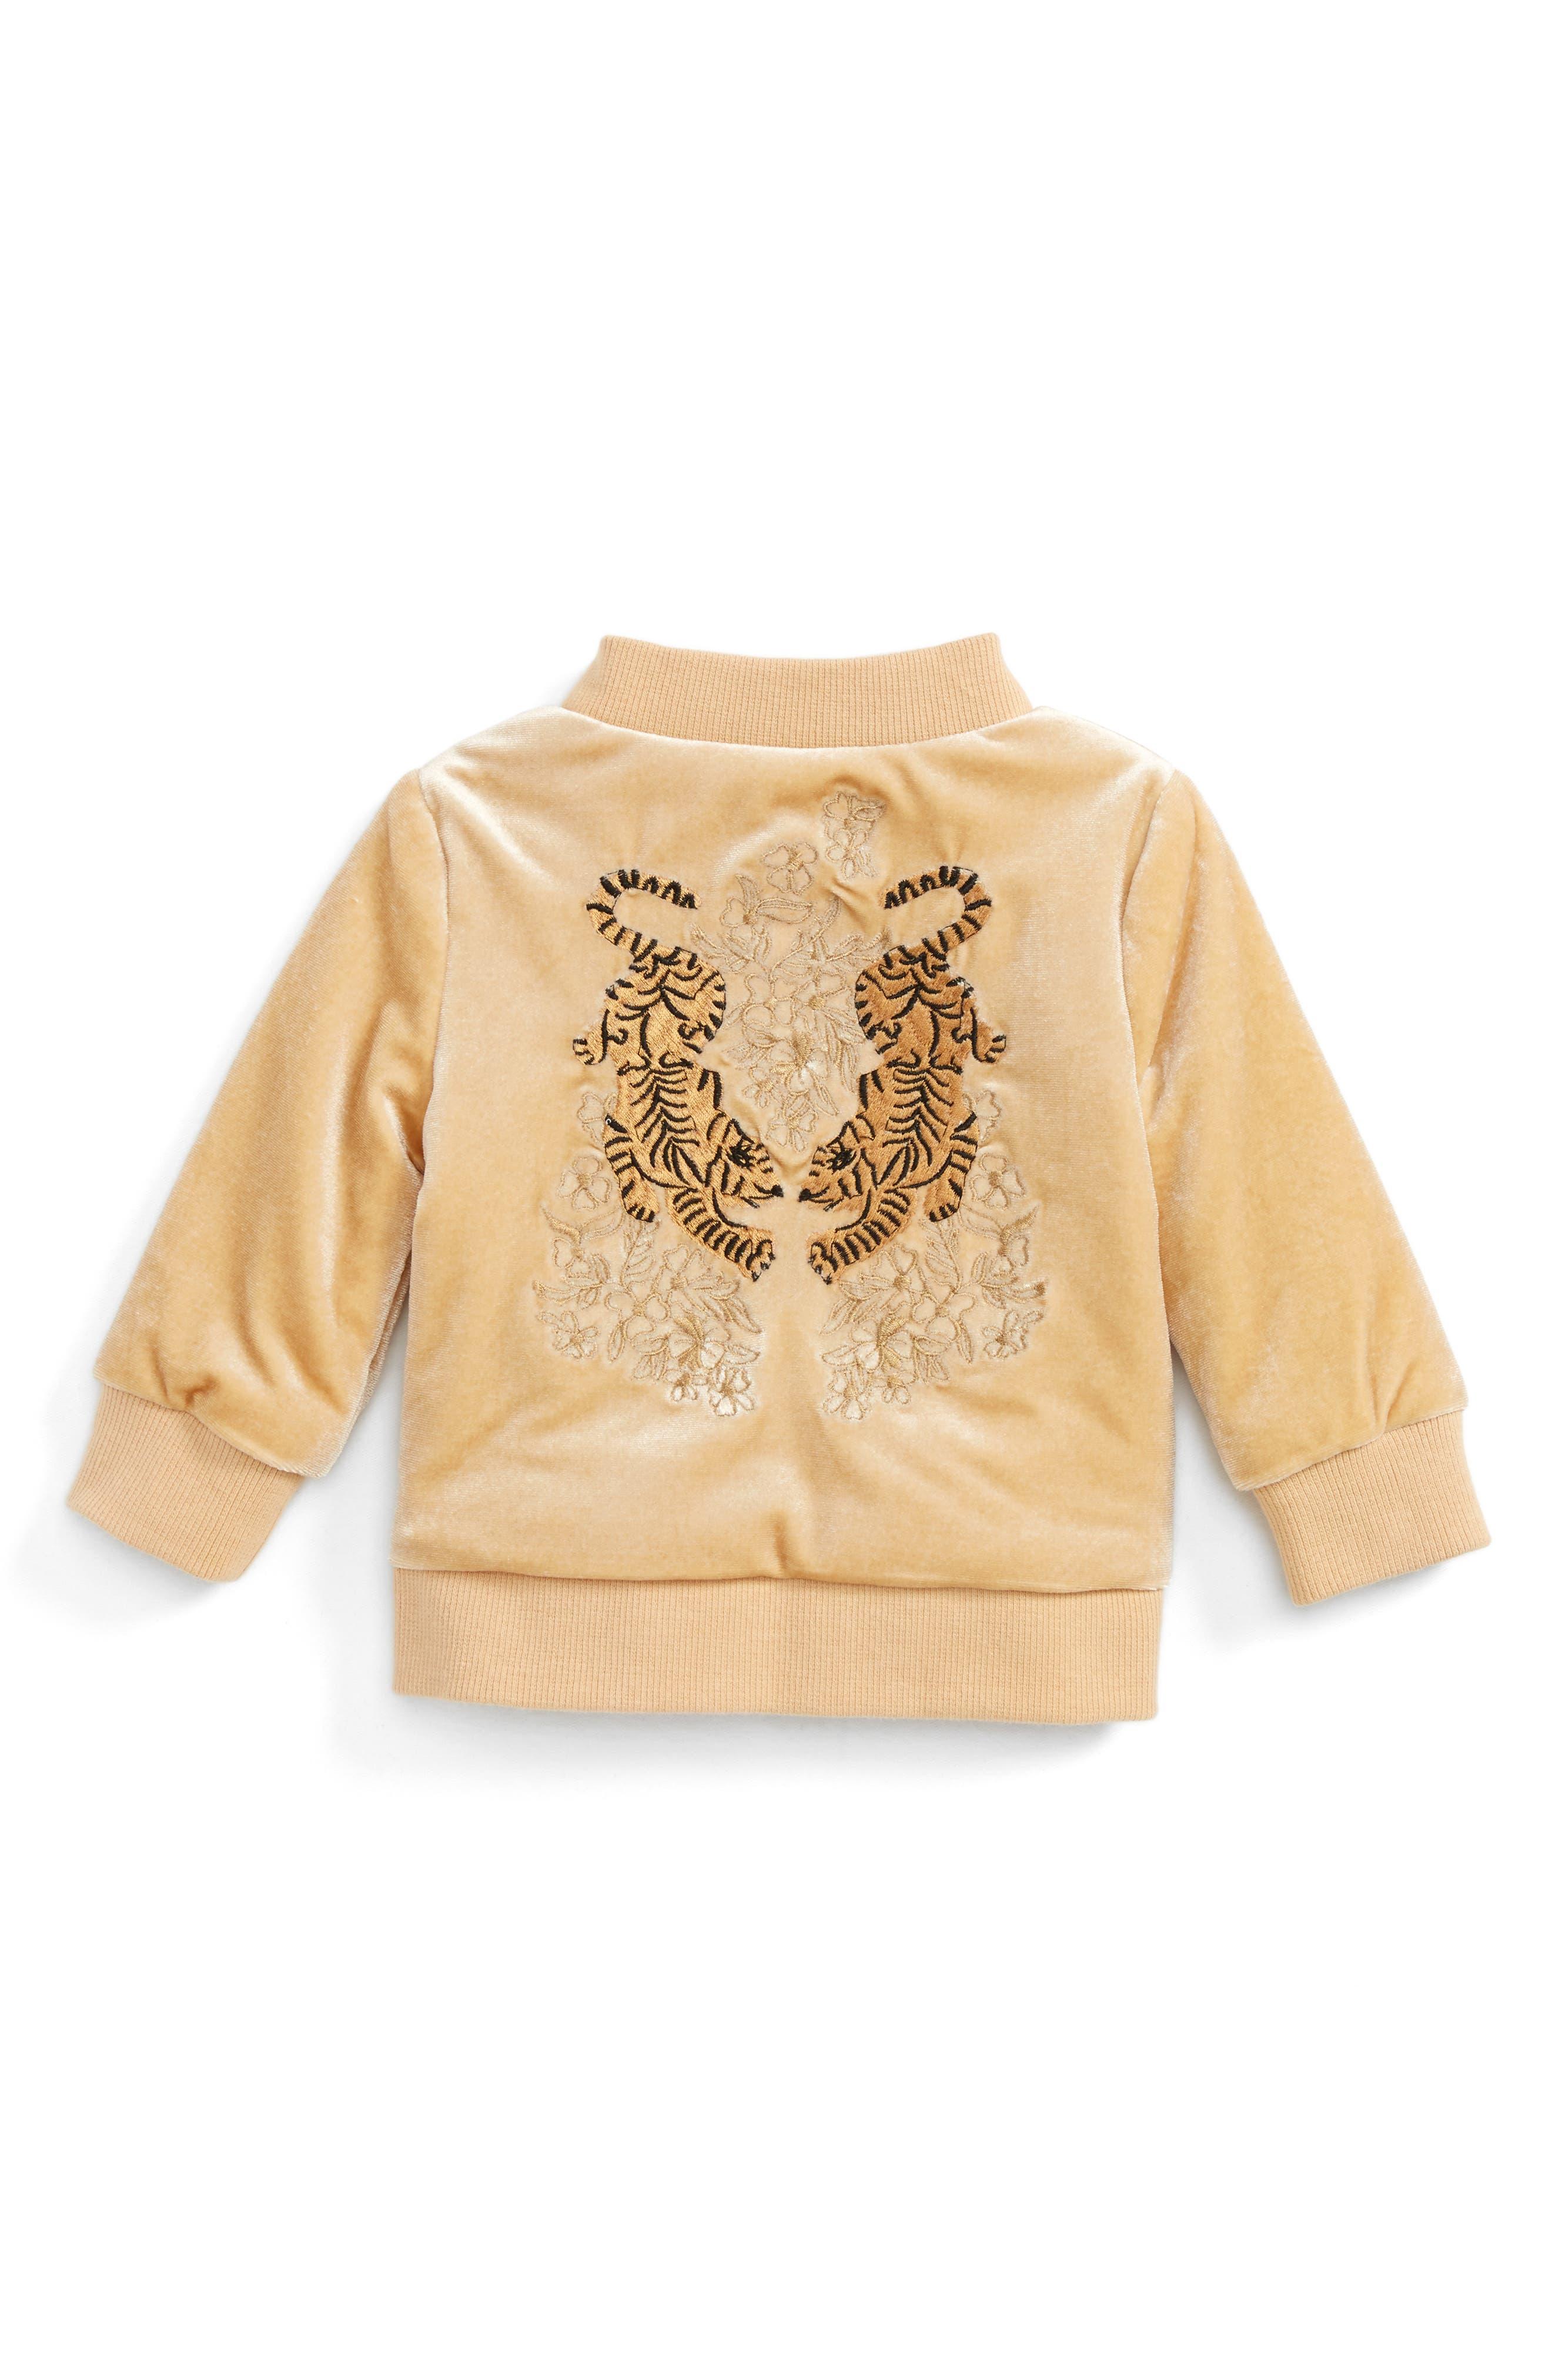 BARDOT JUNIOR,                             Embroidered Velvet Bomber Jacket,                             Alternate thumbnail 2, color,                             275